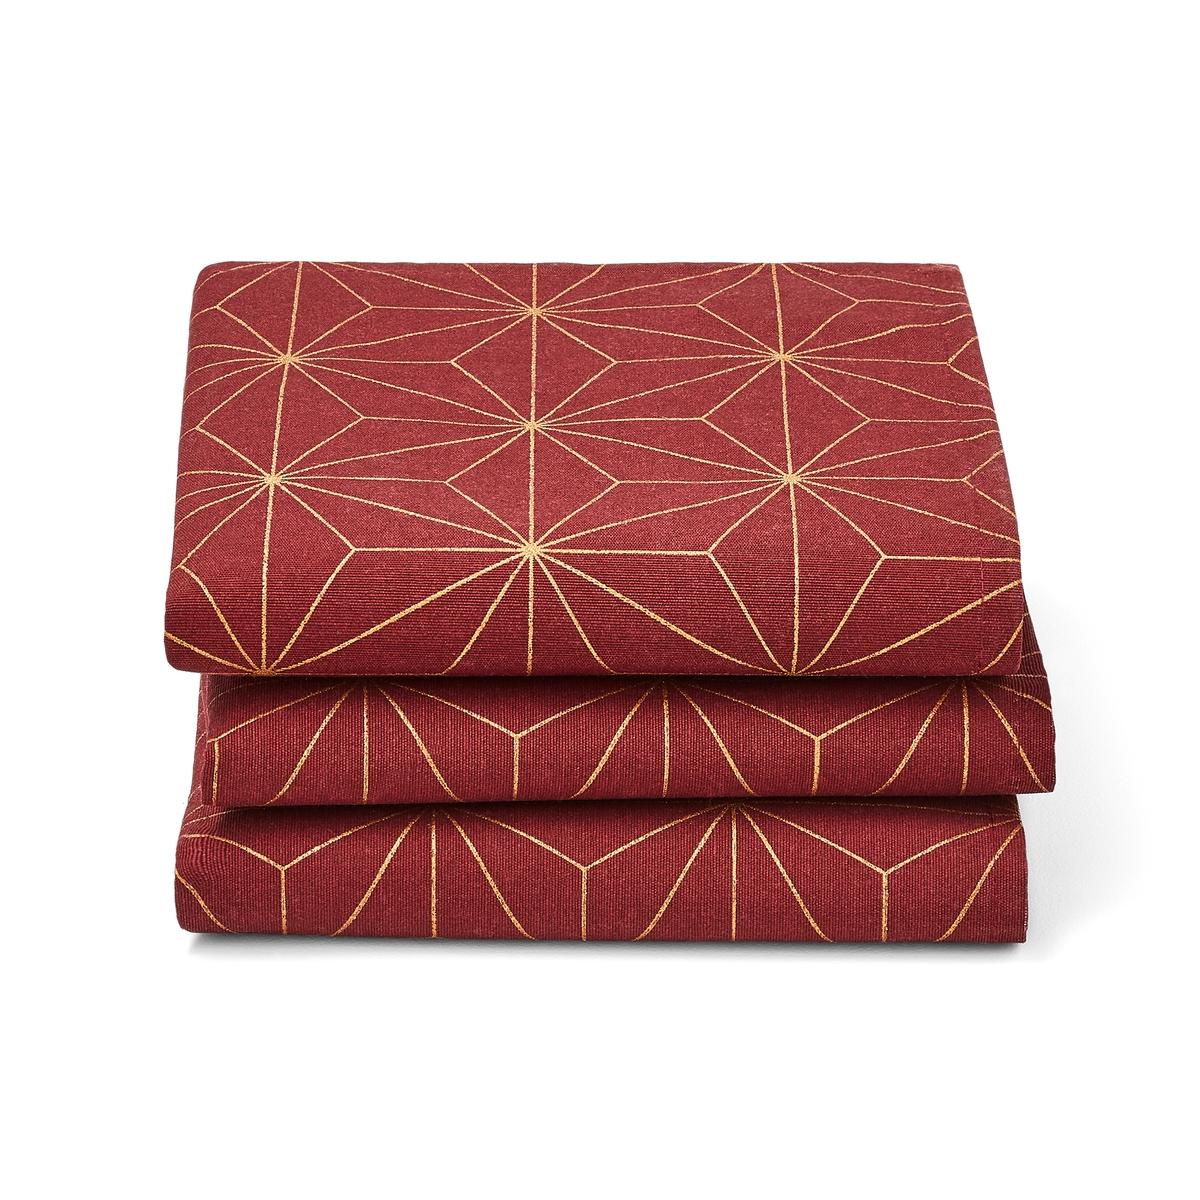 Комплект из 3 салфеток с LaRedoute Рисунком NORDIC STAR 45 x см красный